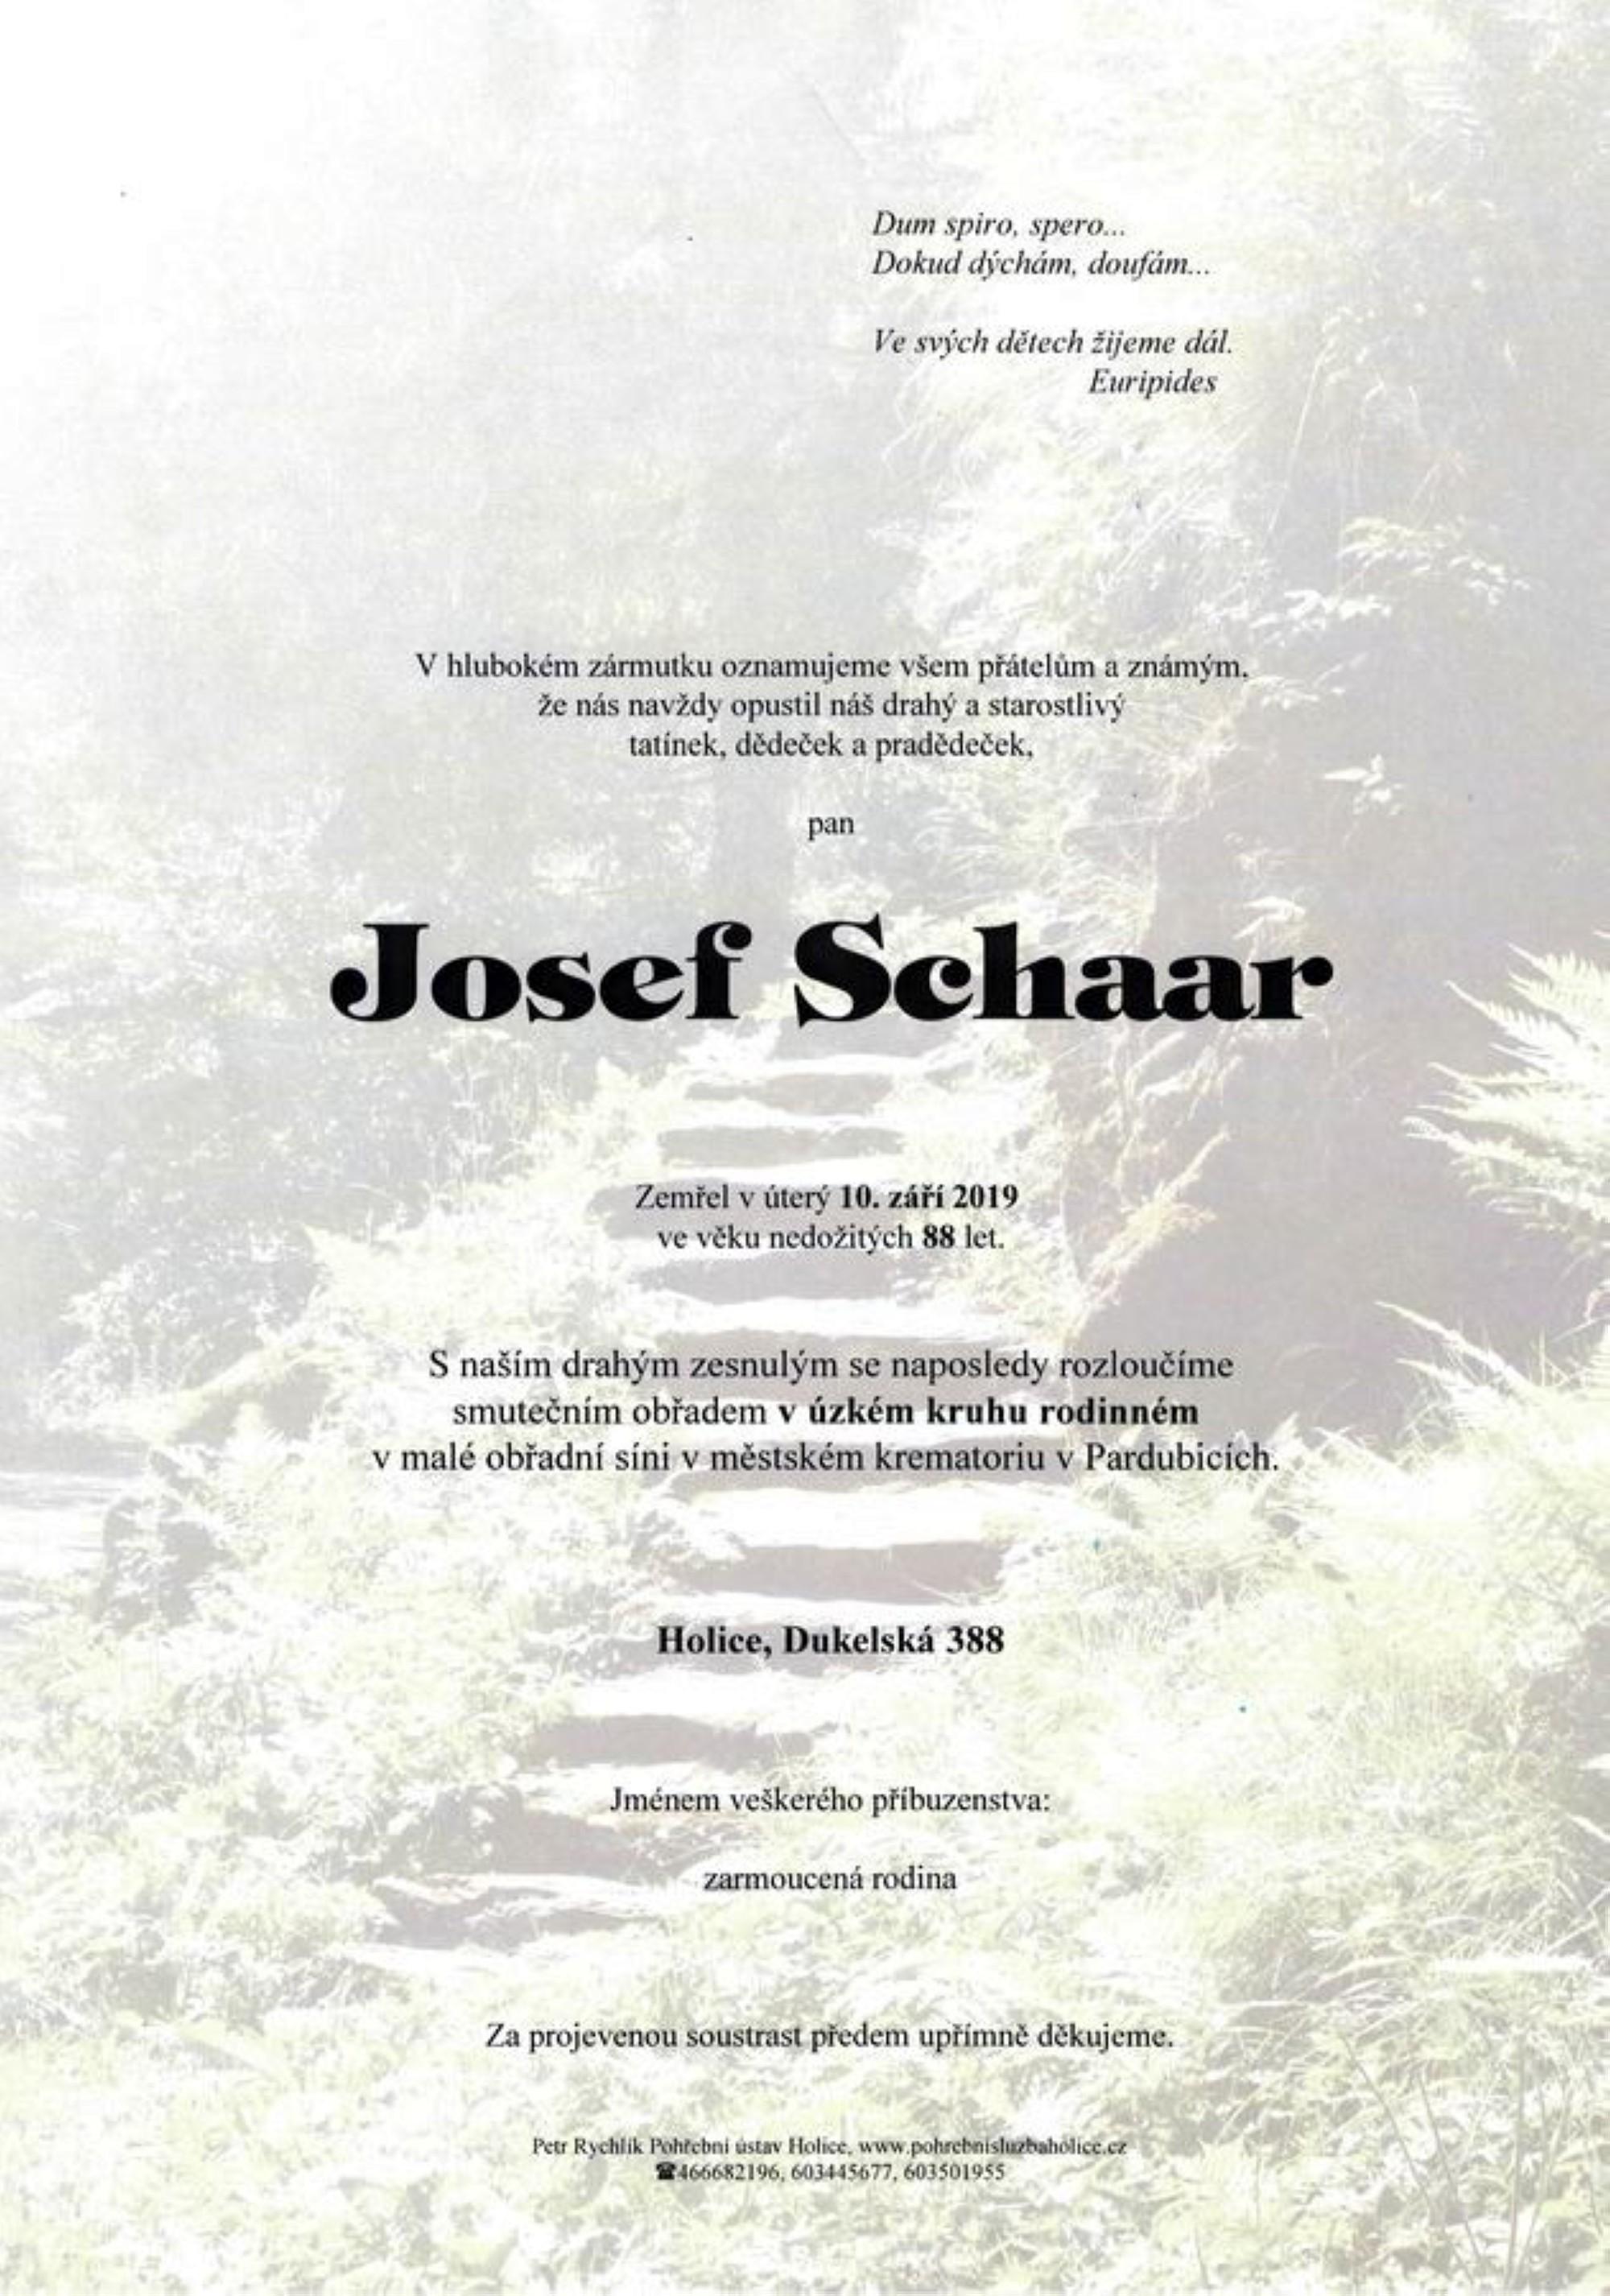 Josef Schaar